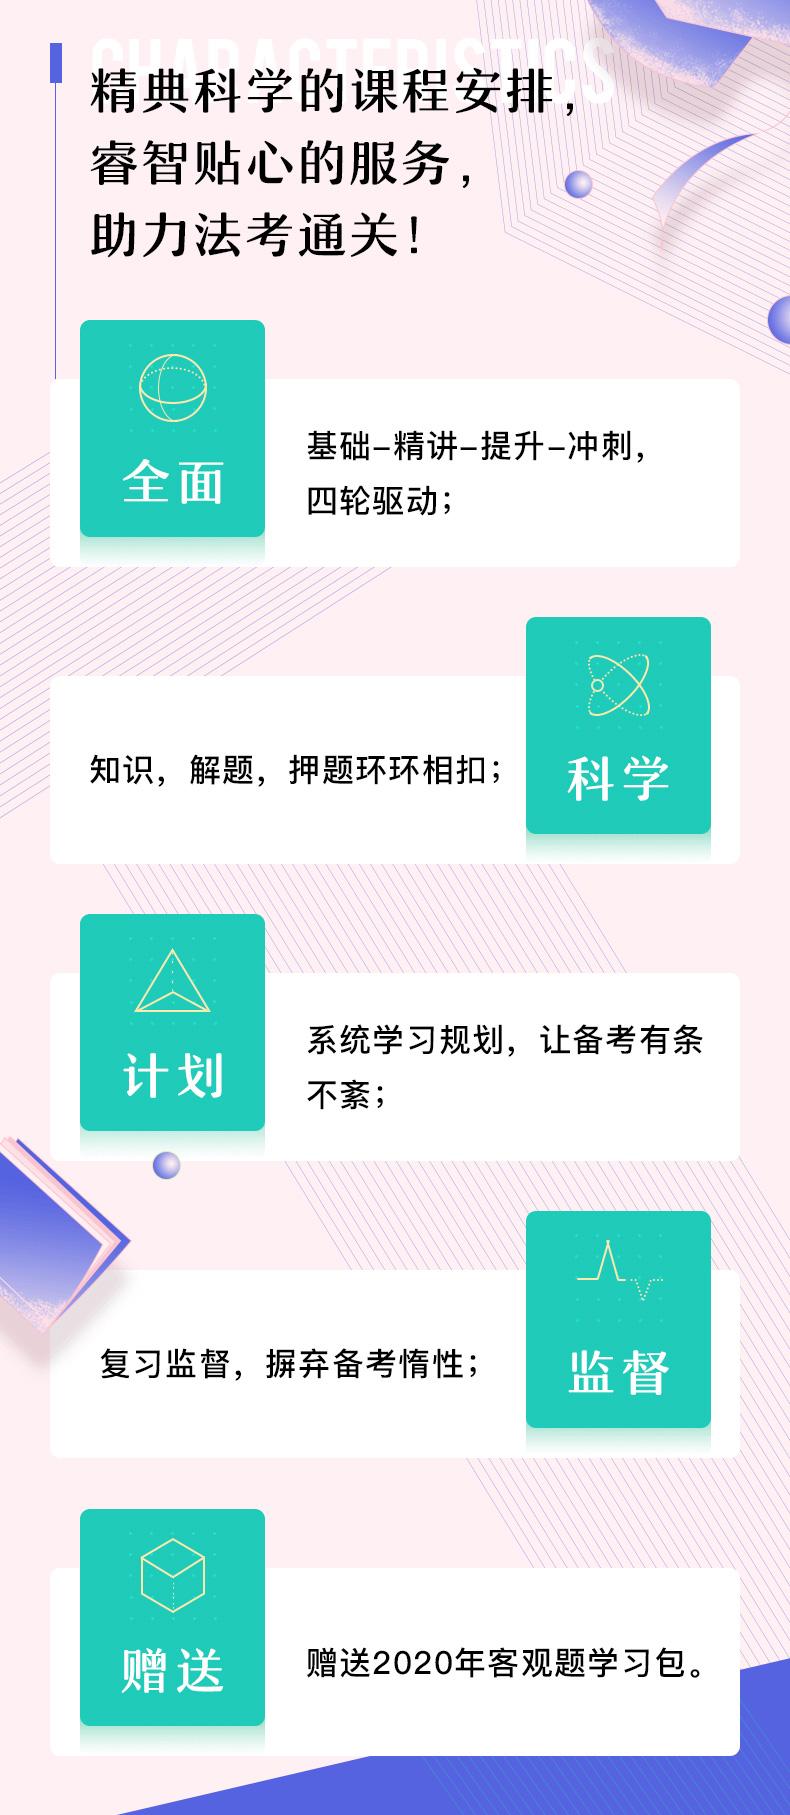 北京vip协议班_02.jpg